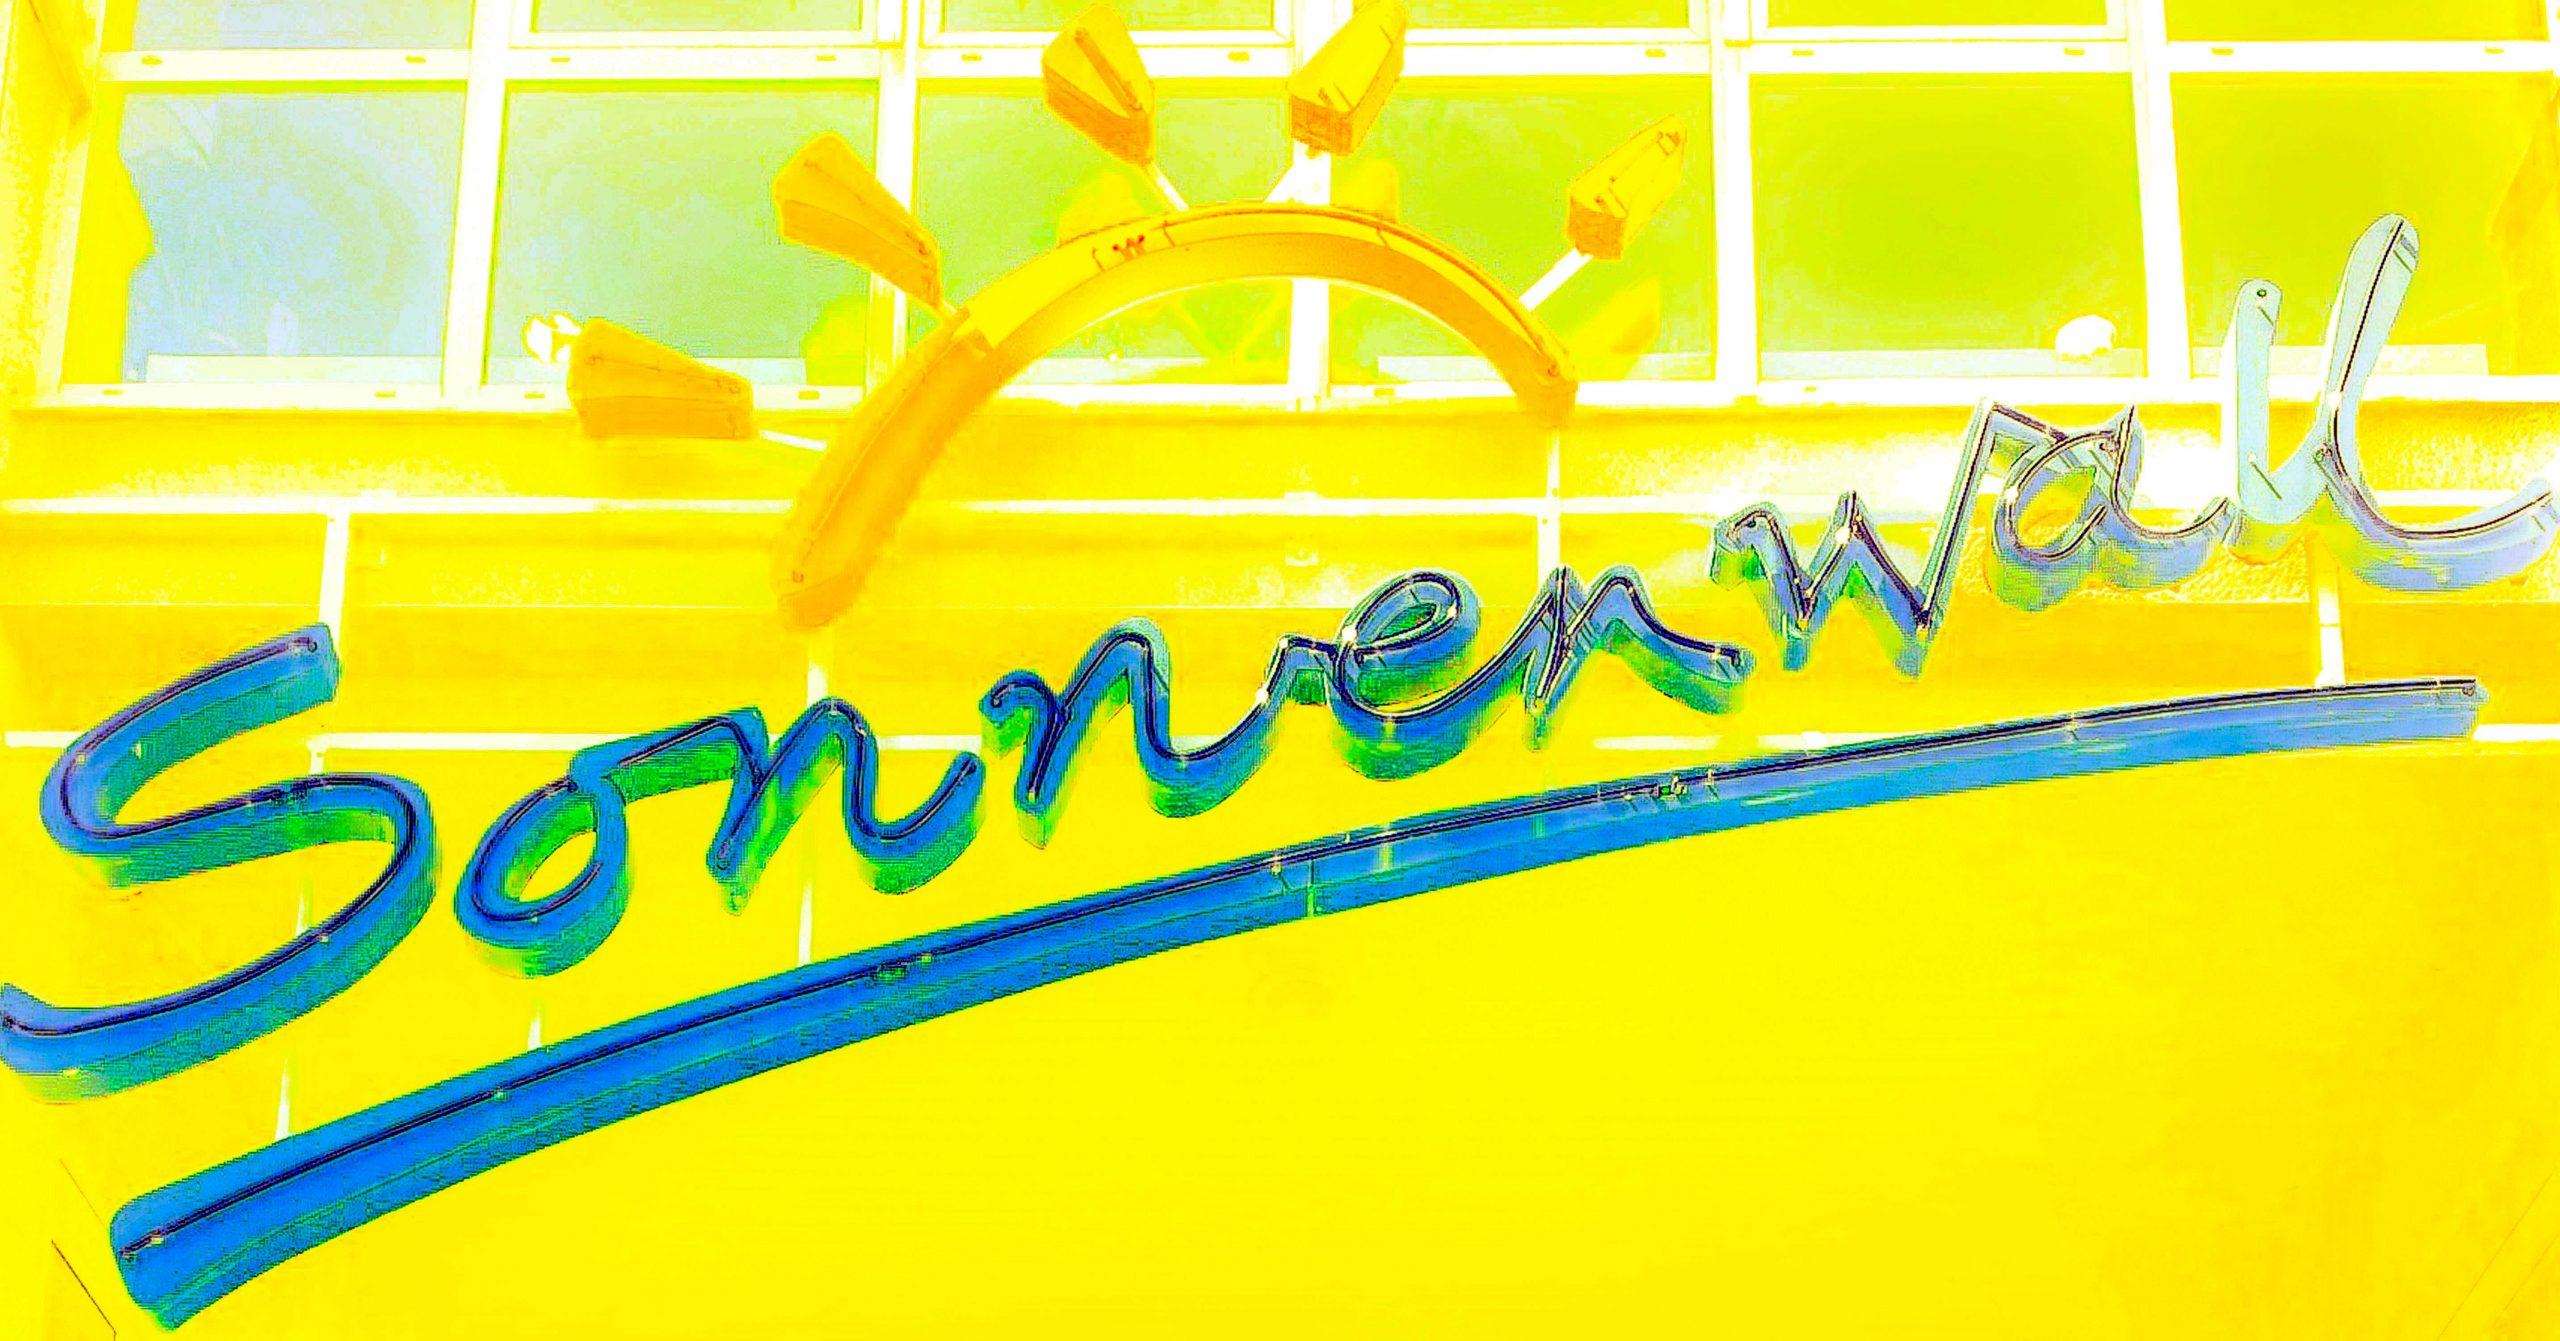 Einkaufs- und Gesundheitszentrum Sonnenwall